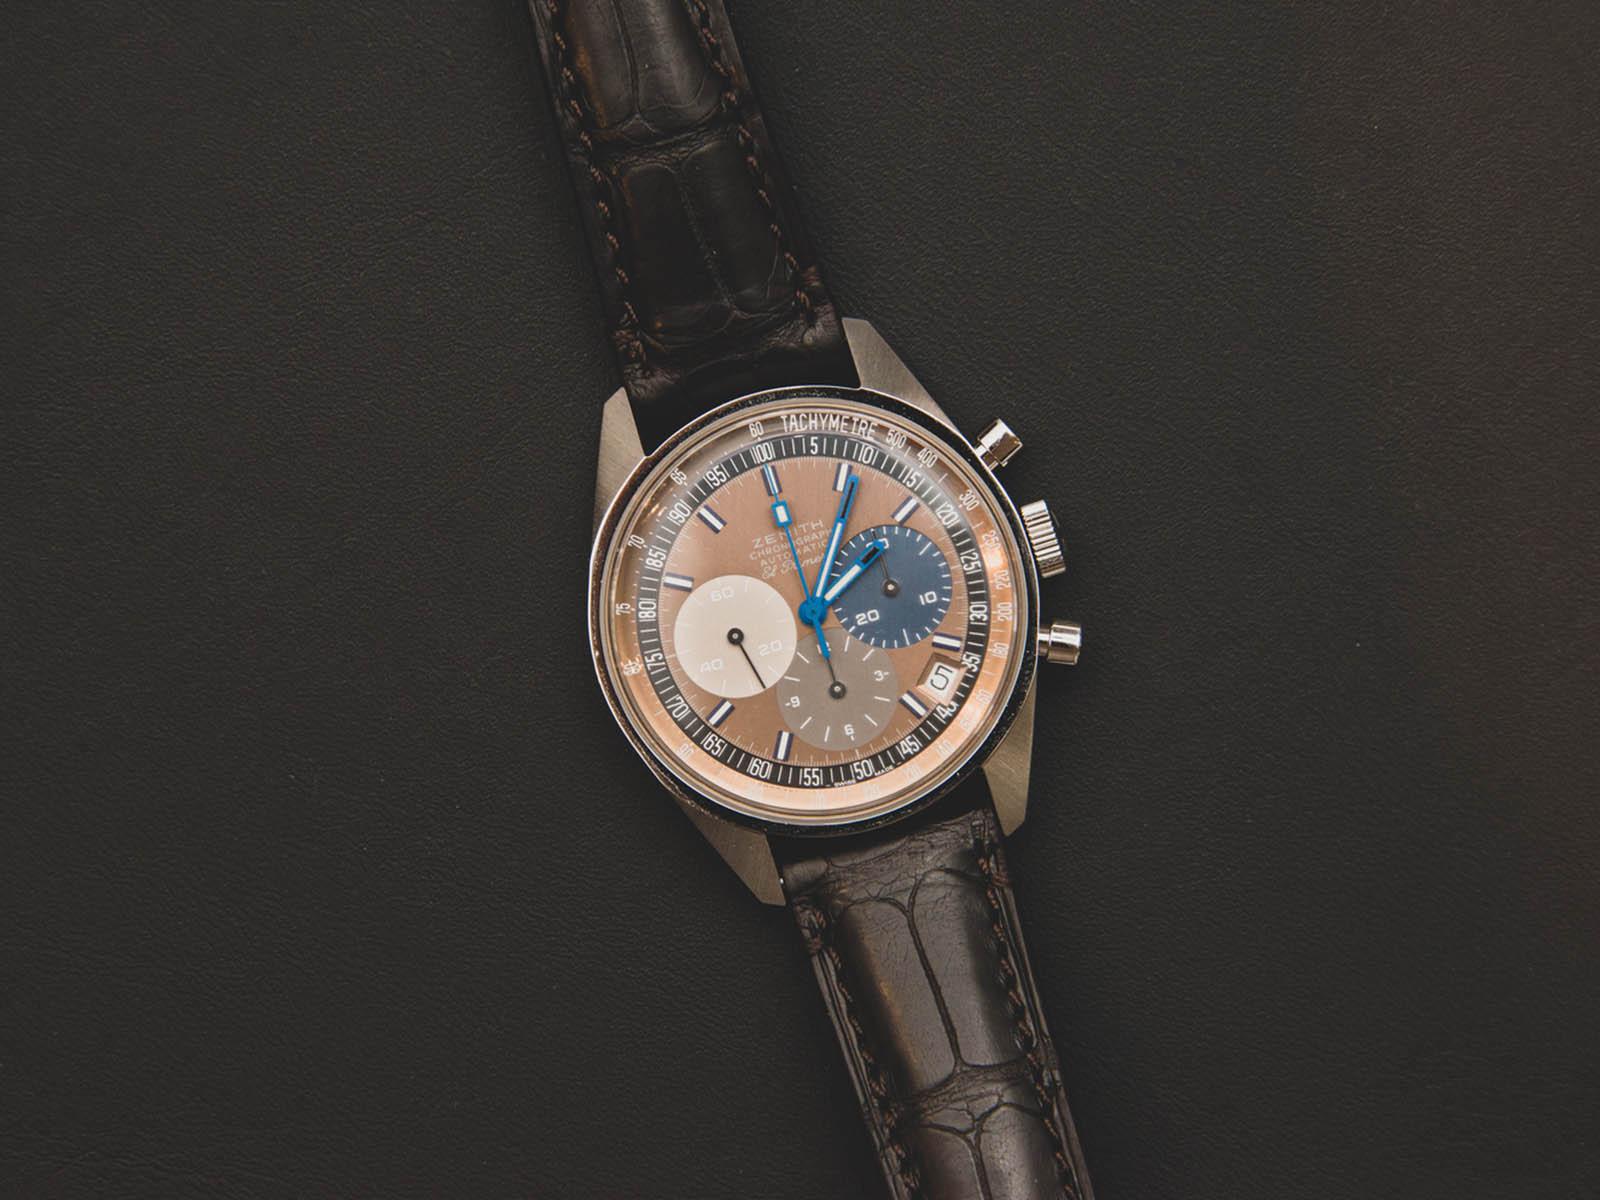 03-f386-400-70-c807-zenith-el-primero-a386-revival-fine-watch-club-edition-1.jpg